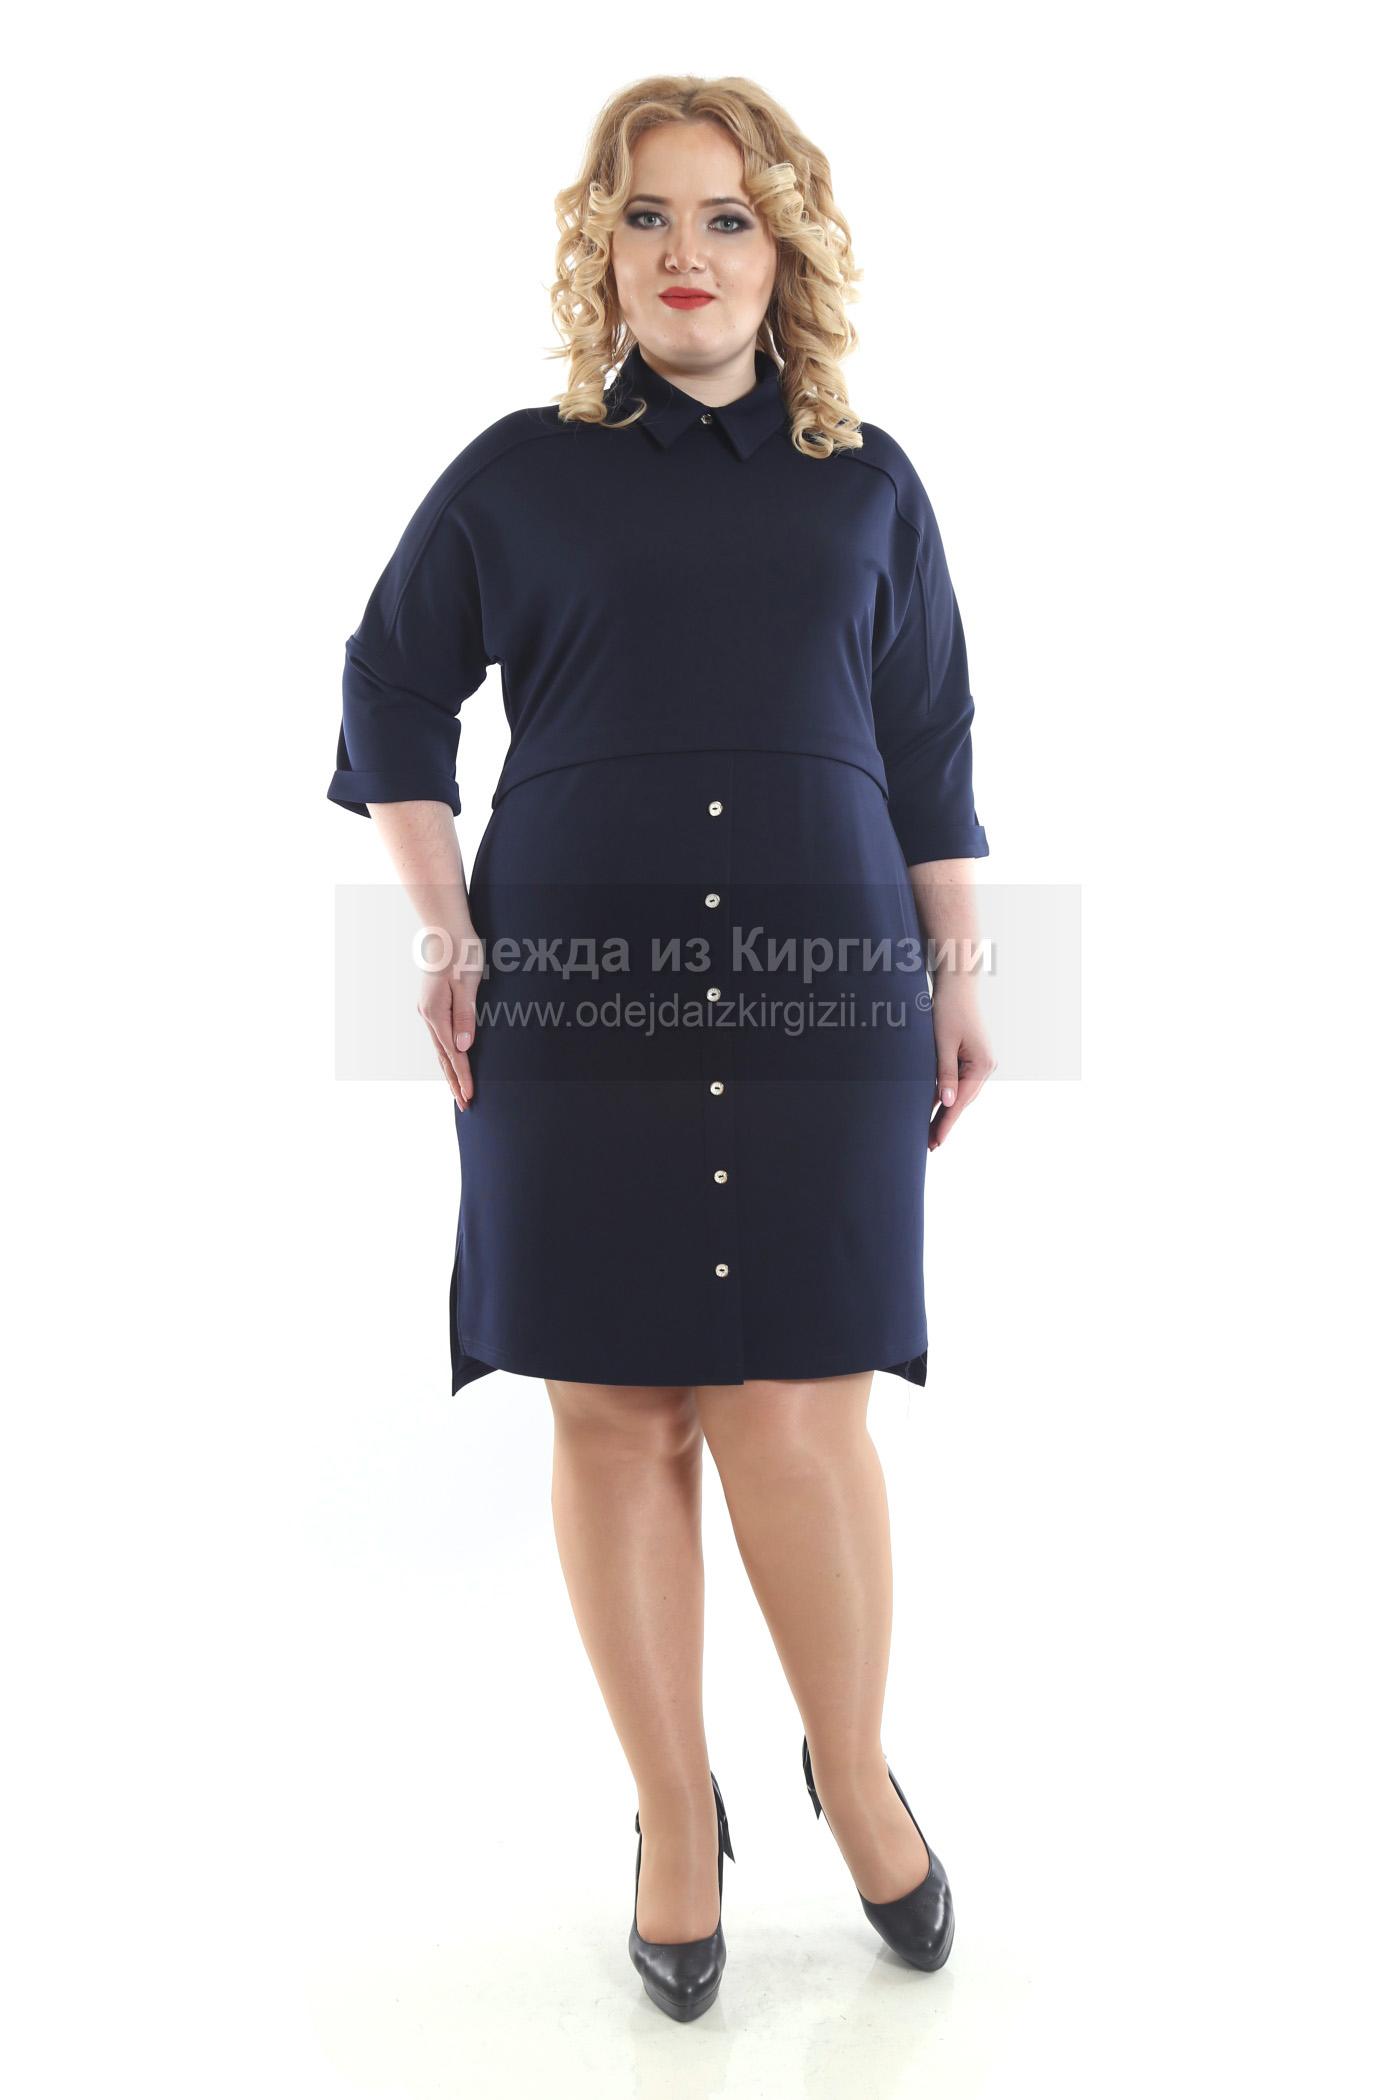 Платье TIM-Воротничок-03